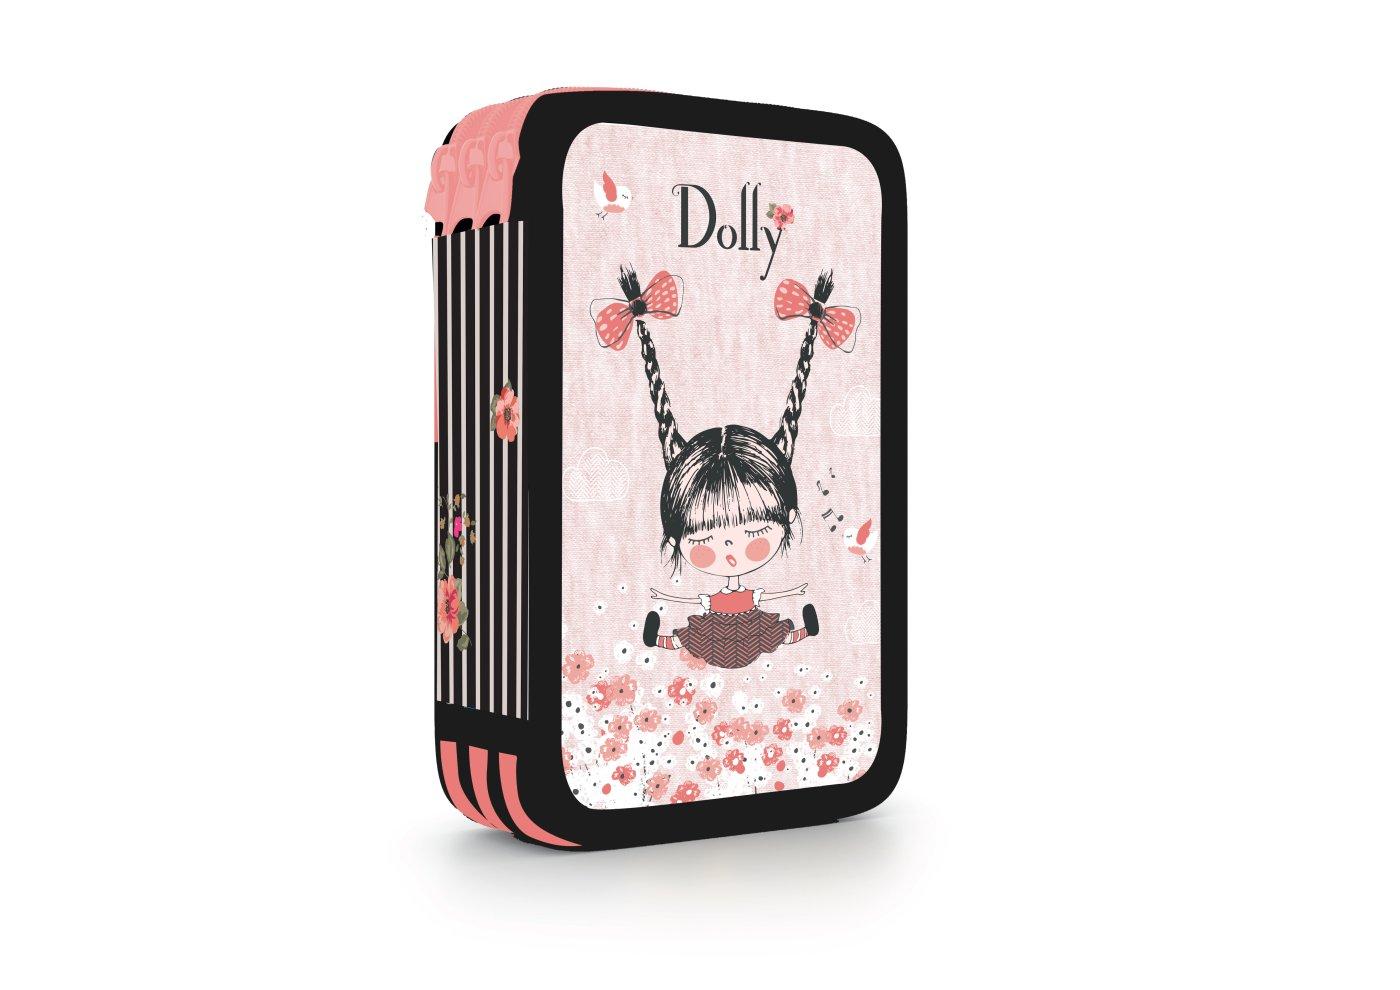 ... Školní potřeby · PENÁLY NENAPLNĚNÉ · Trojpatrové · Penál 3 p. prázdný  Dolly Bez licence · Image 8368ca2792